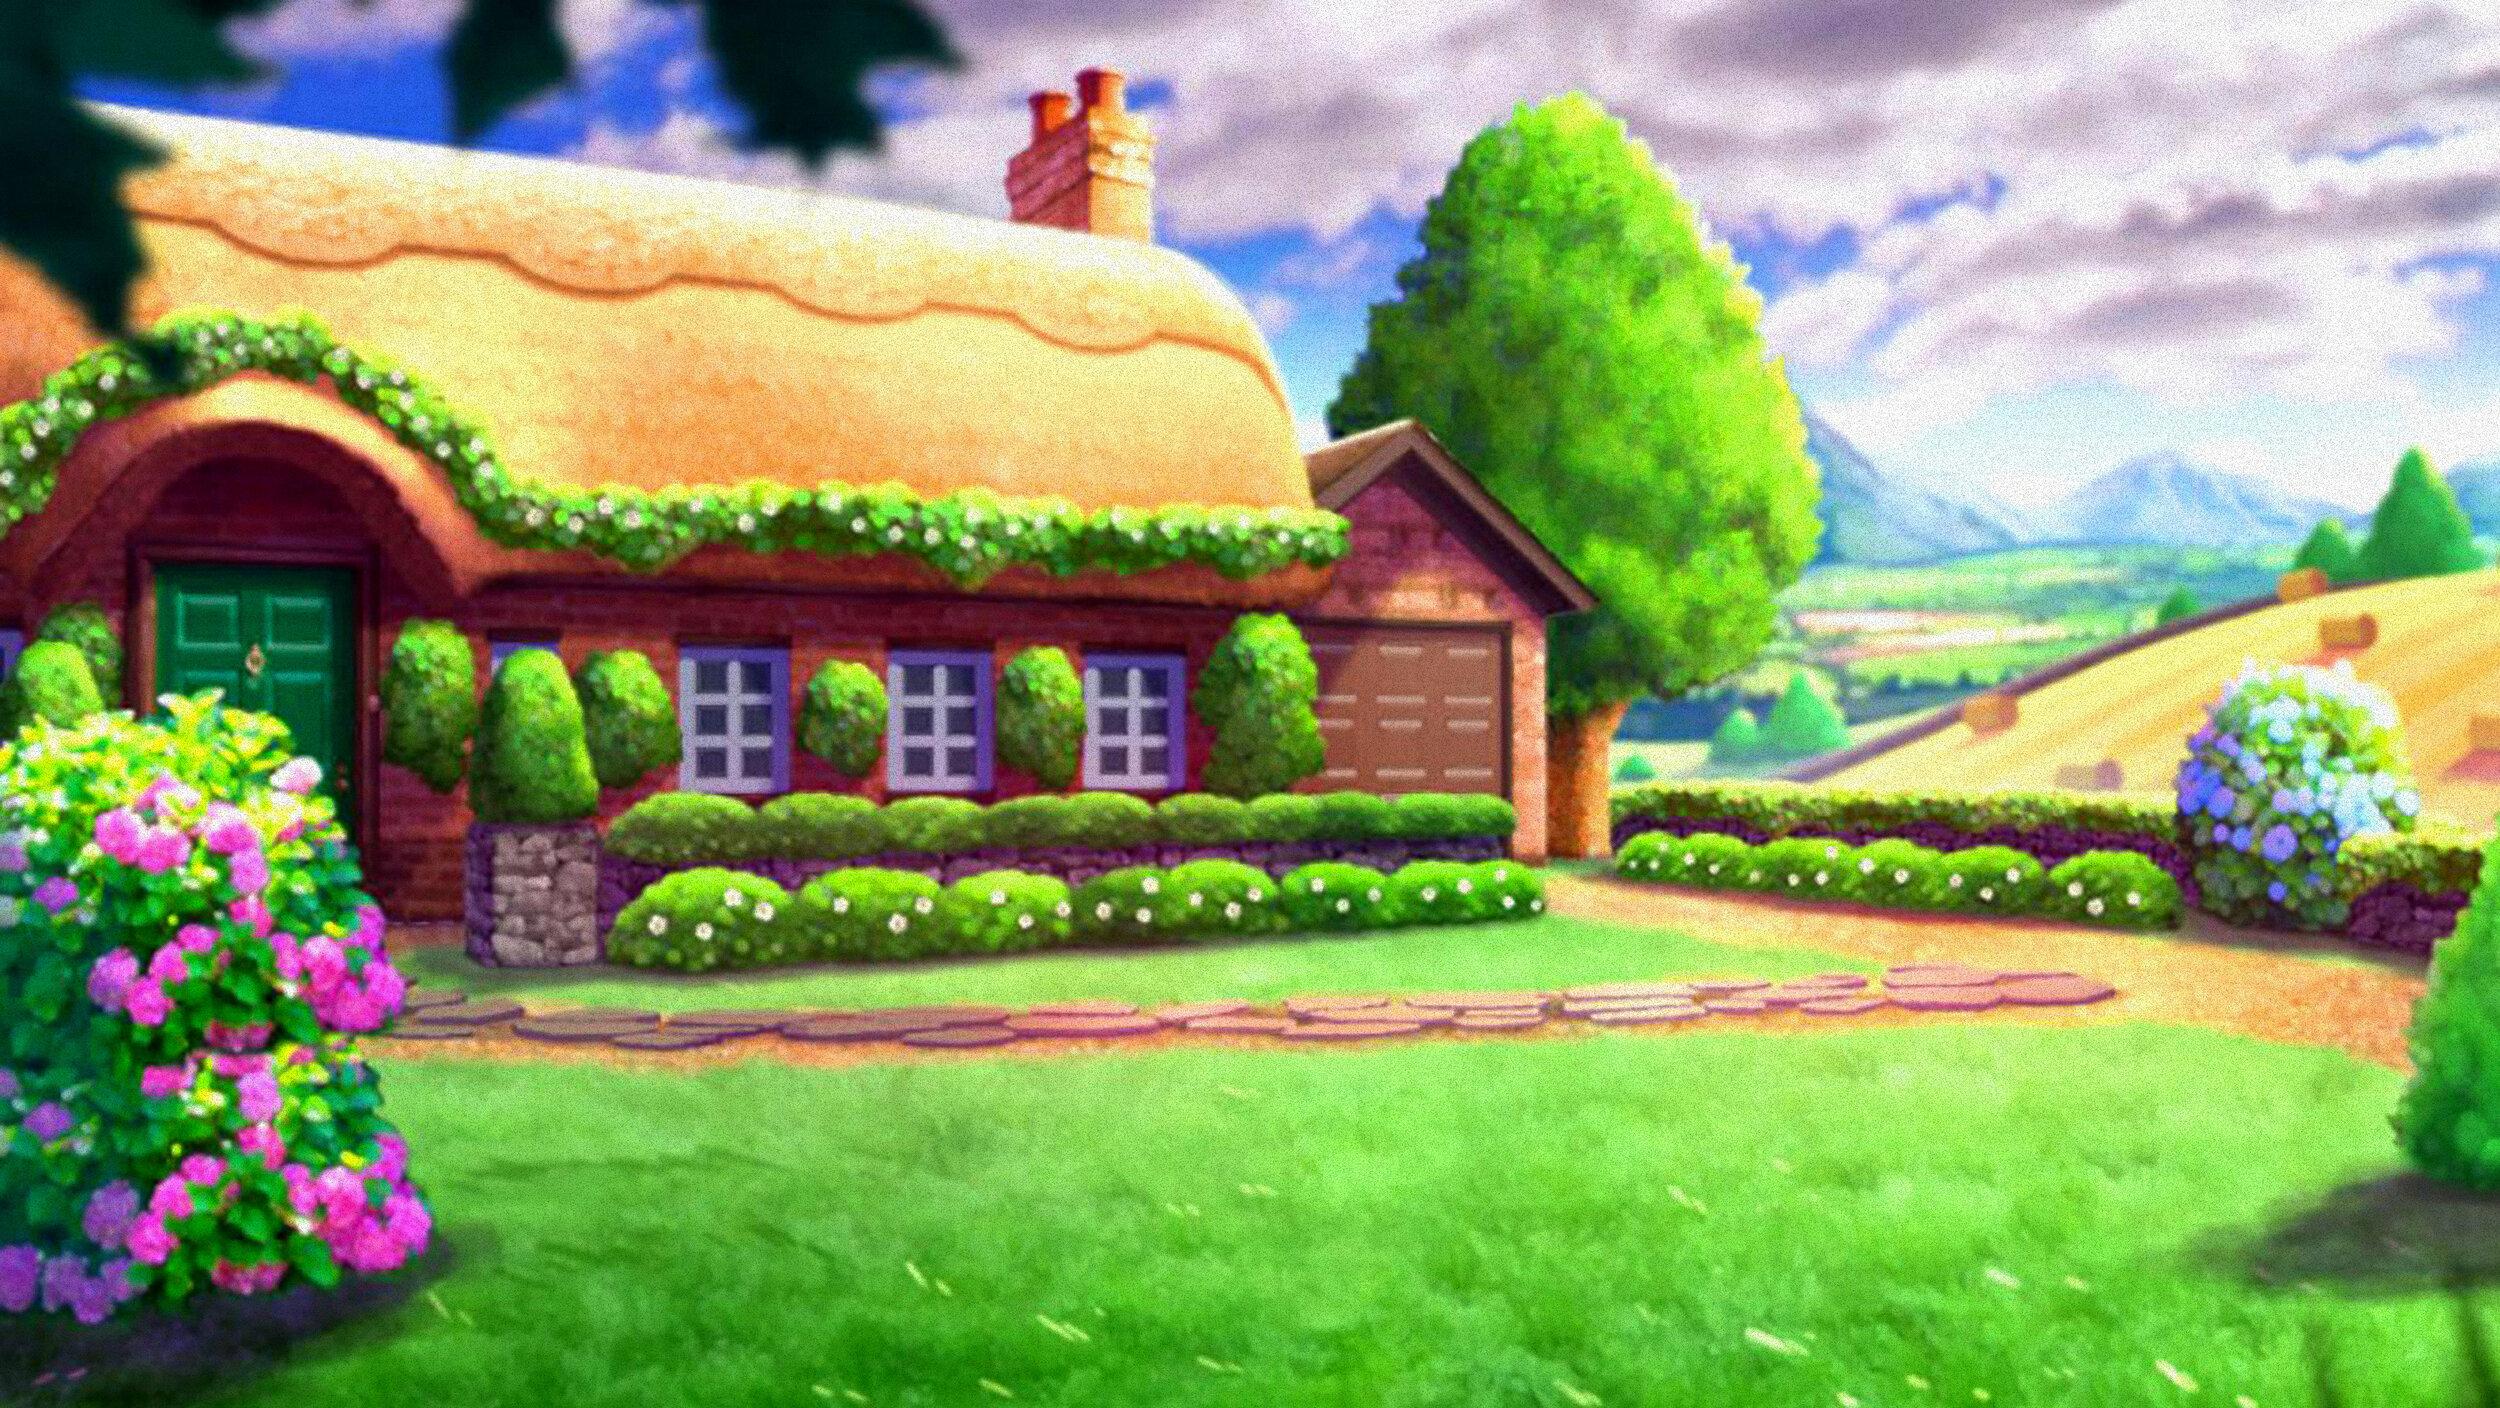 Hero's House Concept